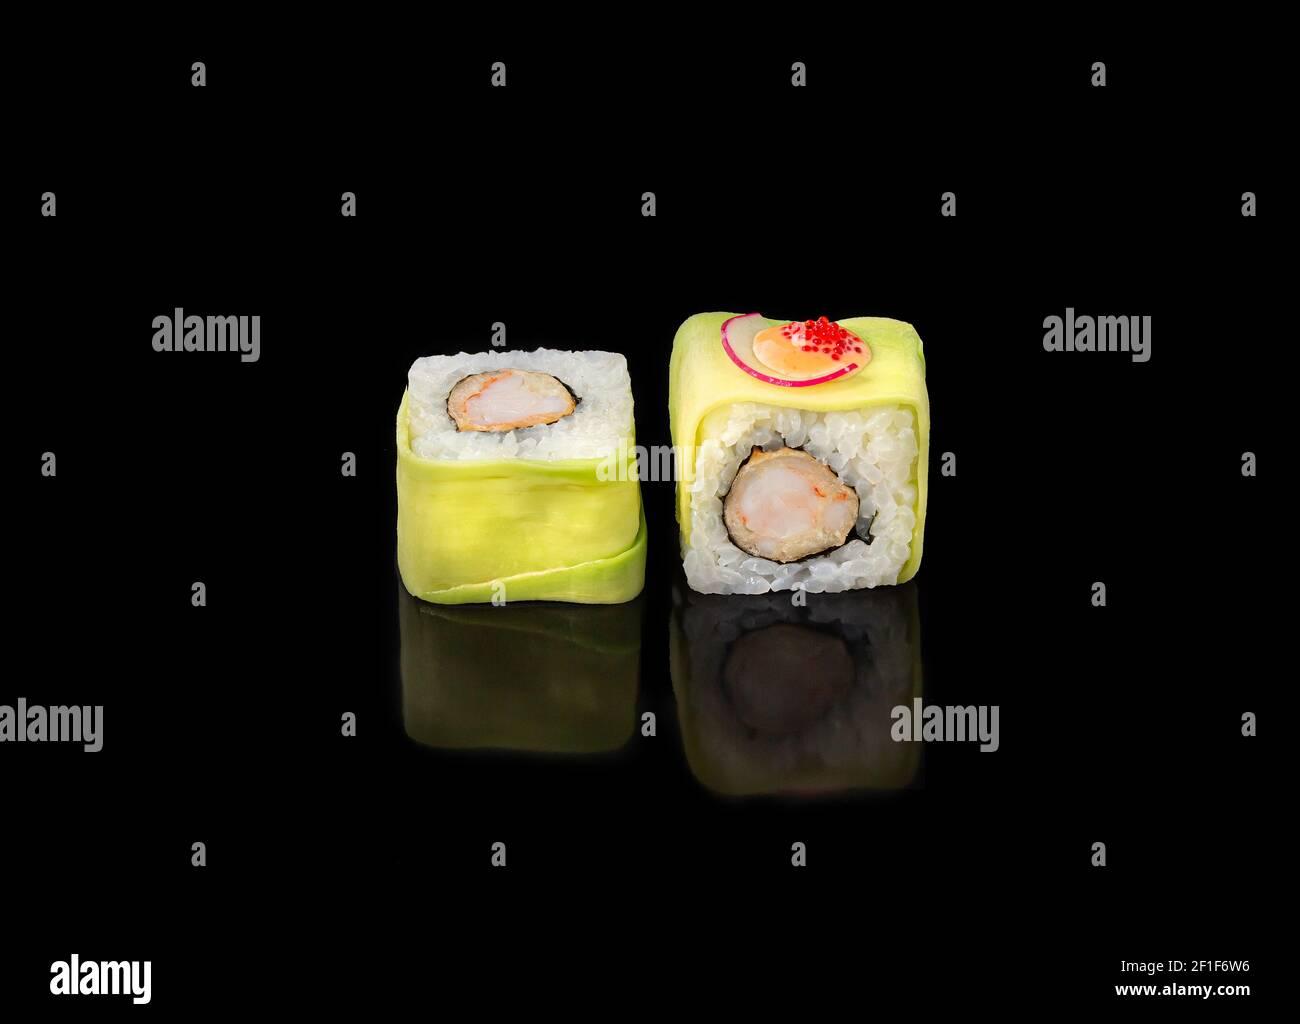 Sushi-Rollen auf schwarzem Hintergrund, japanische Küche. Stockfoto